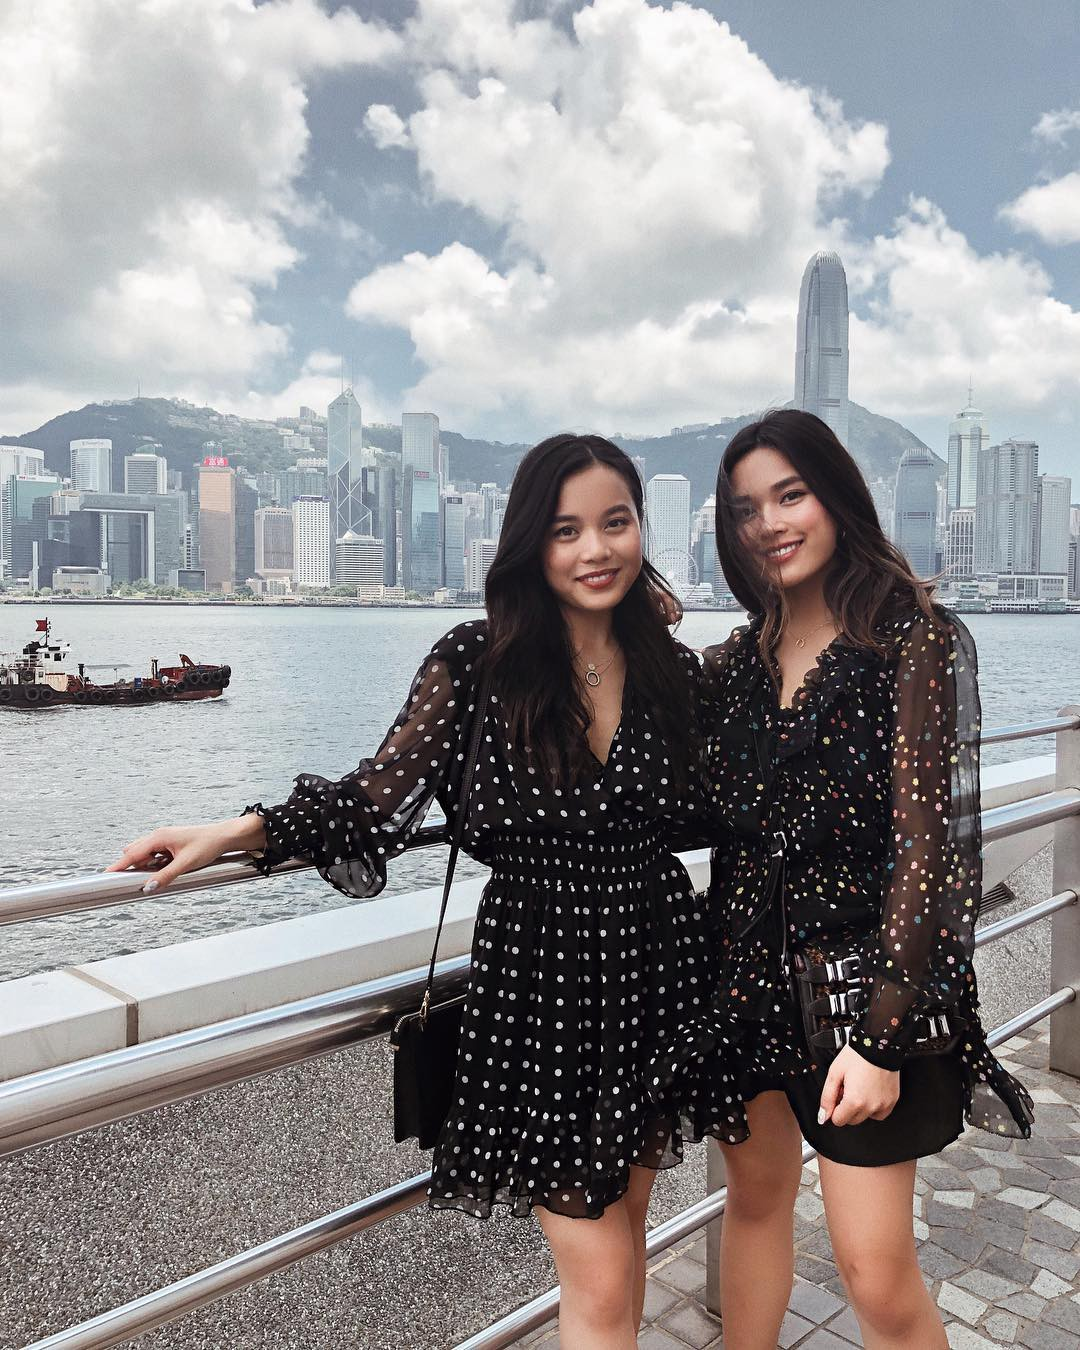 Cộng đồng Instagram Việt đang dậy sóng vì chị em gái gốc Việt vừa xinh đẹp, vừa sang chảnh và đa tài - Ảnh 11.